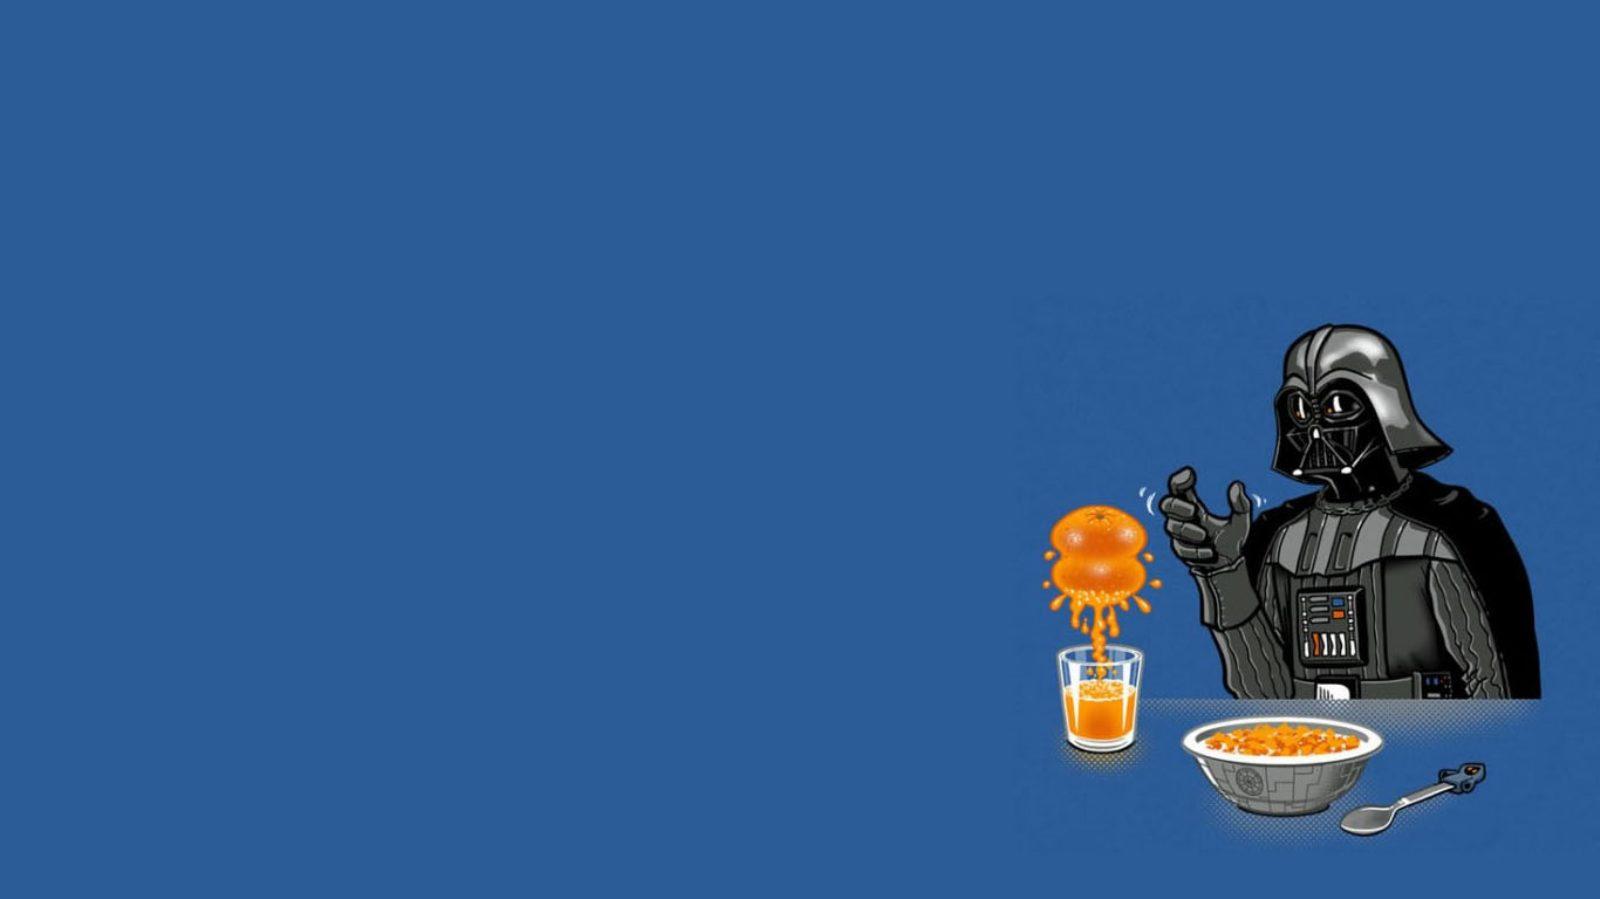 Cool Desktop Backgrounds Wallpapers In Hdcom 1600x899